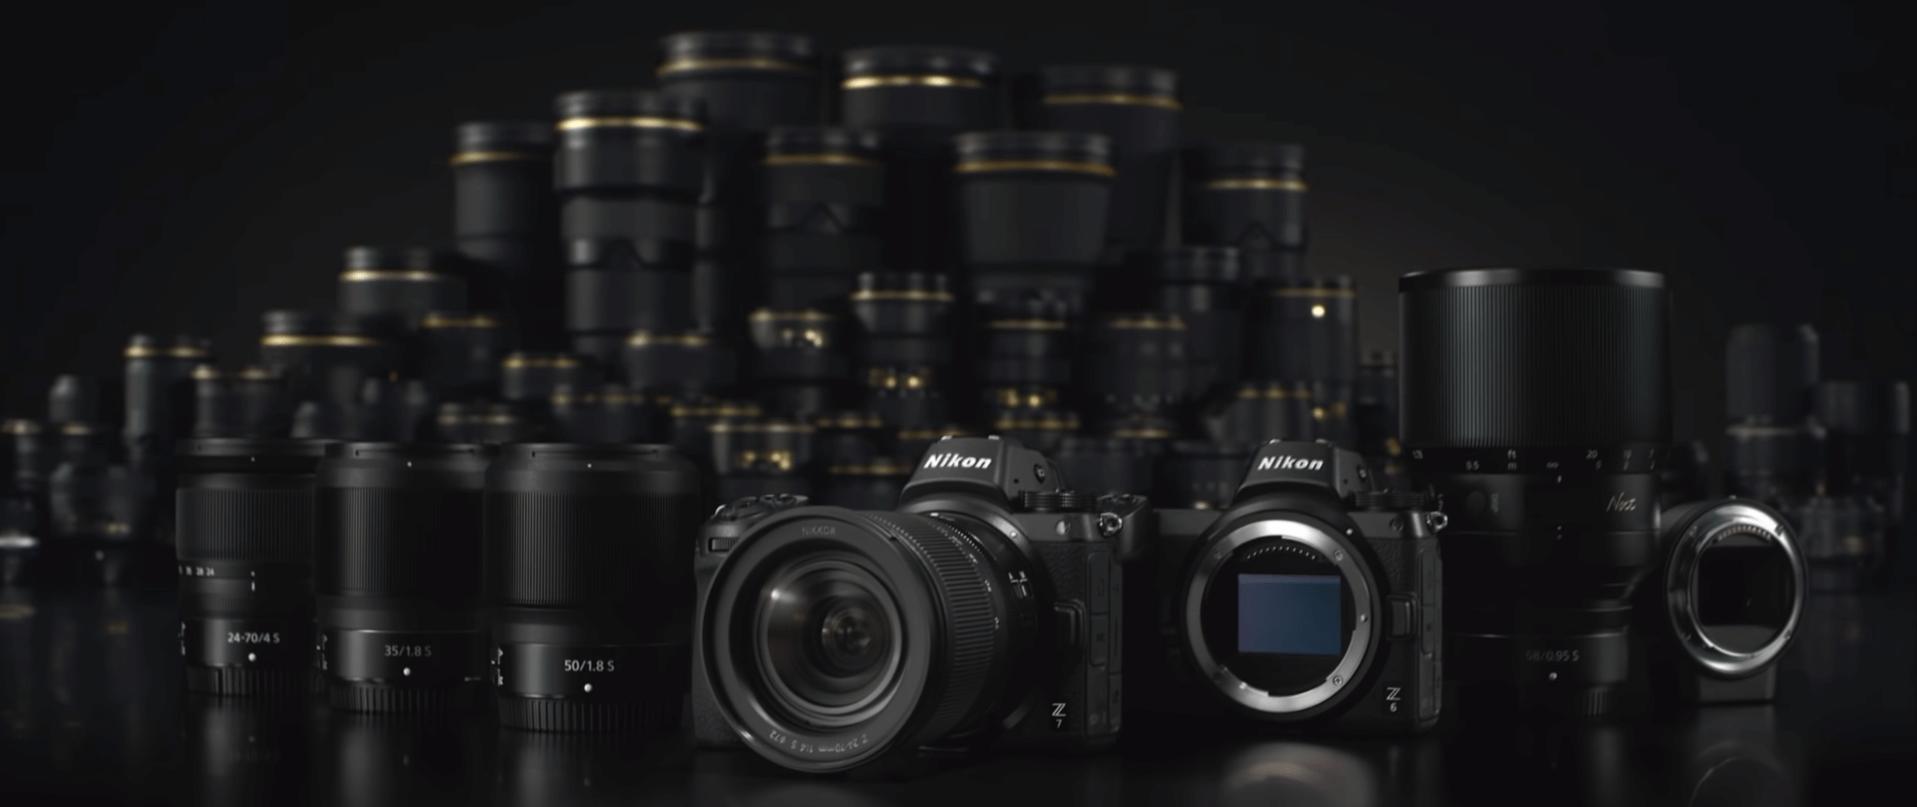 Captura de Tela 203 - Nikon anuncia câmeras mirrorless full-frame com novo sistema Z-mount